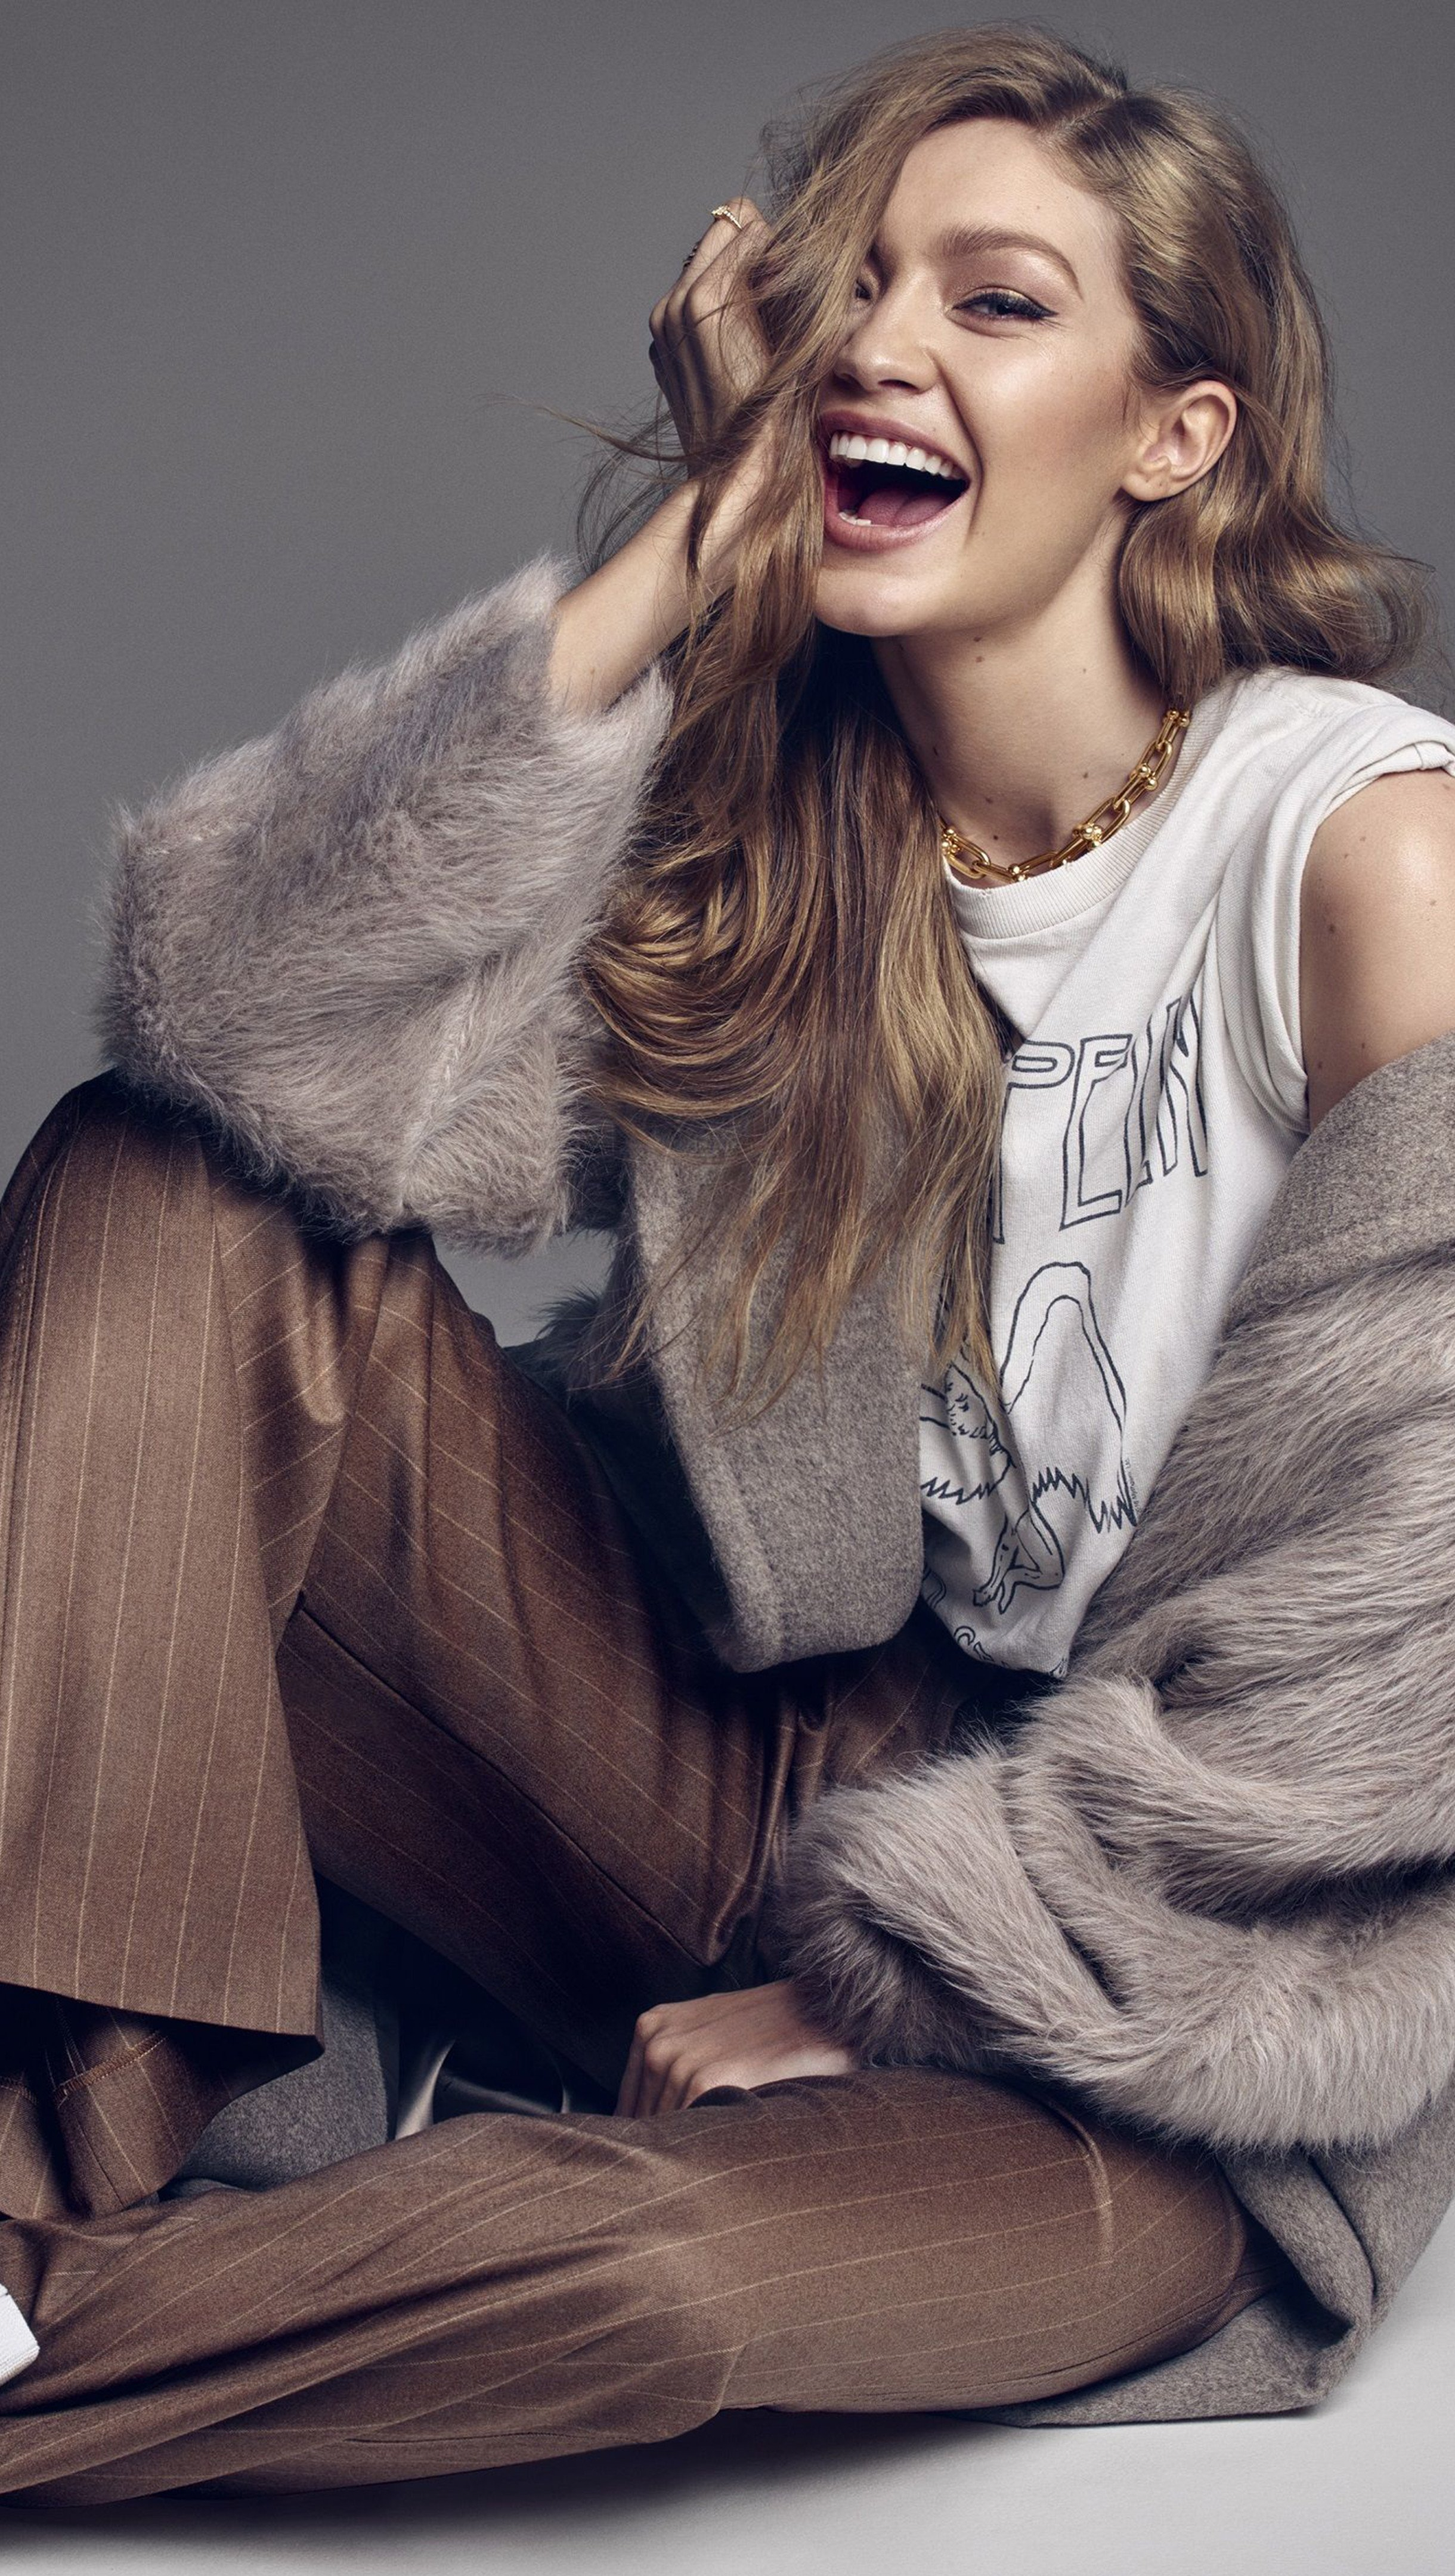 Fondos de pantalla Gigi Hadid sonriendo en sesión de fotos Vertical